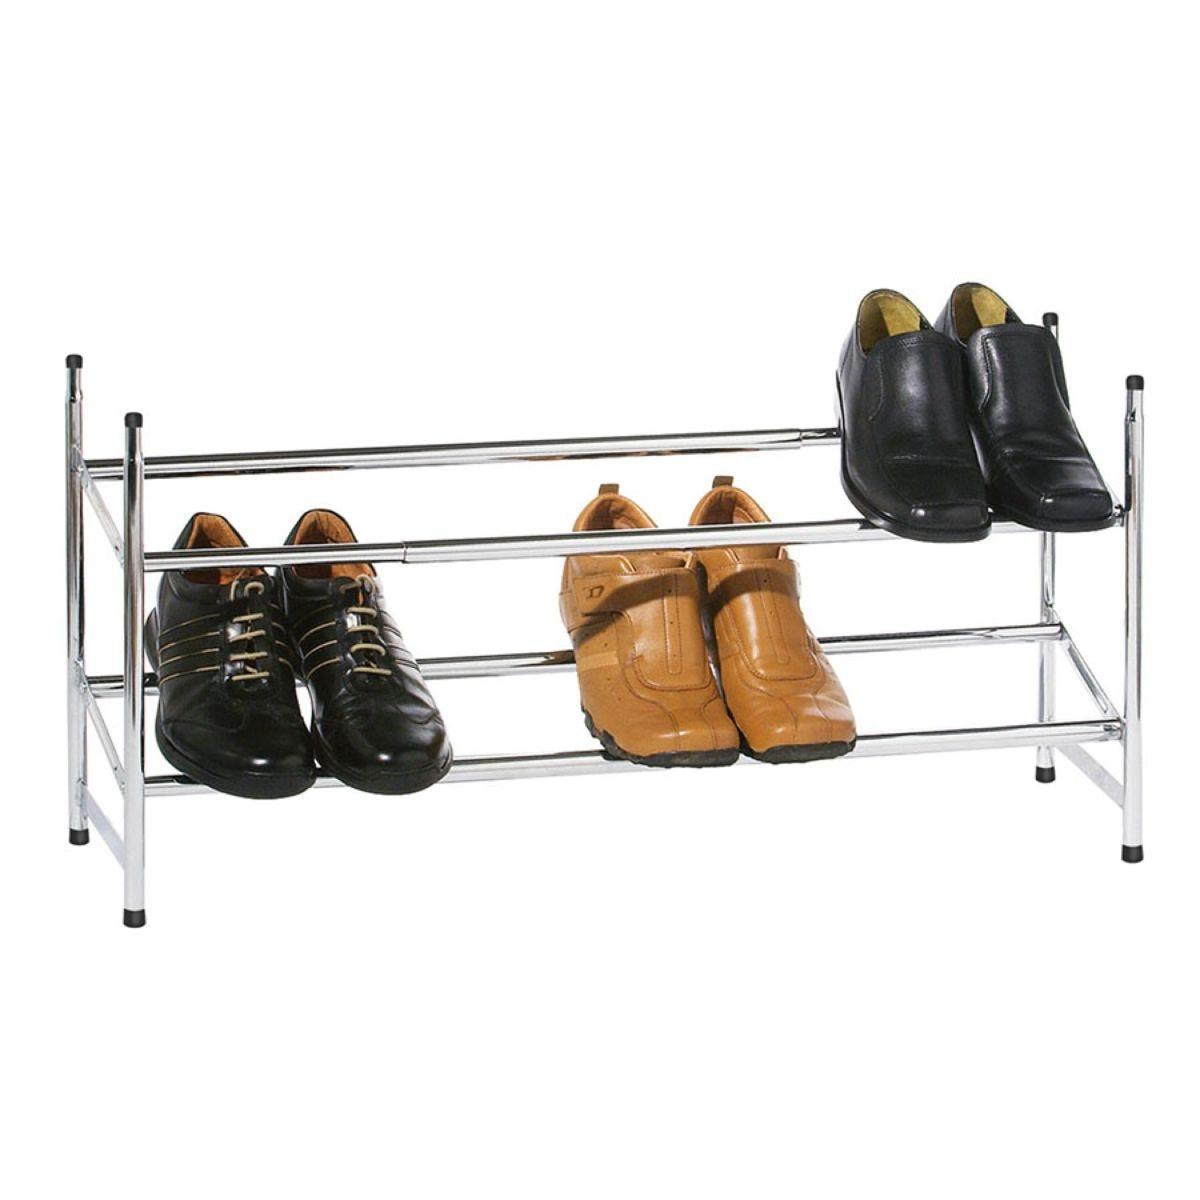 Premier Housewares 2-Tier Extendable Shoe Rack - Chrome